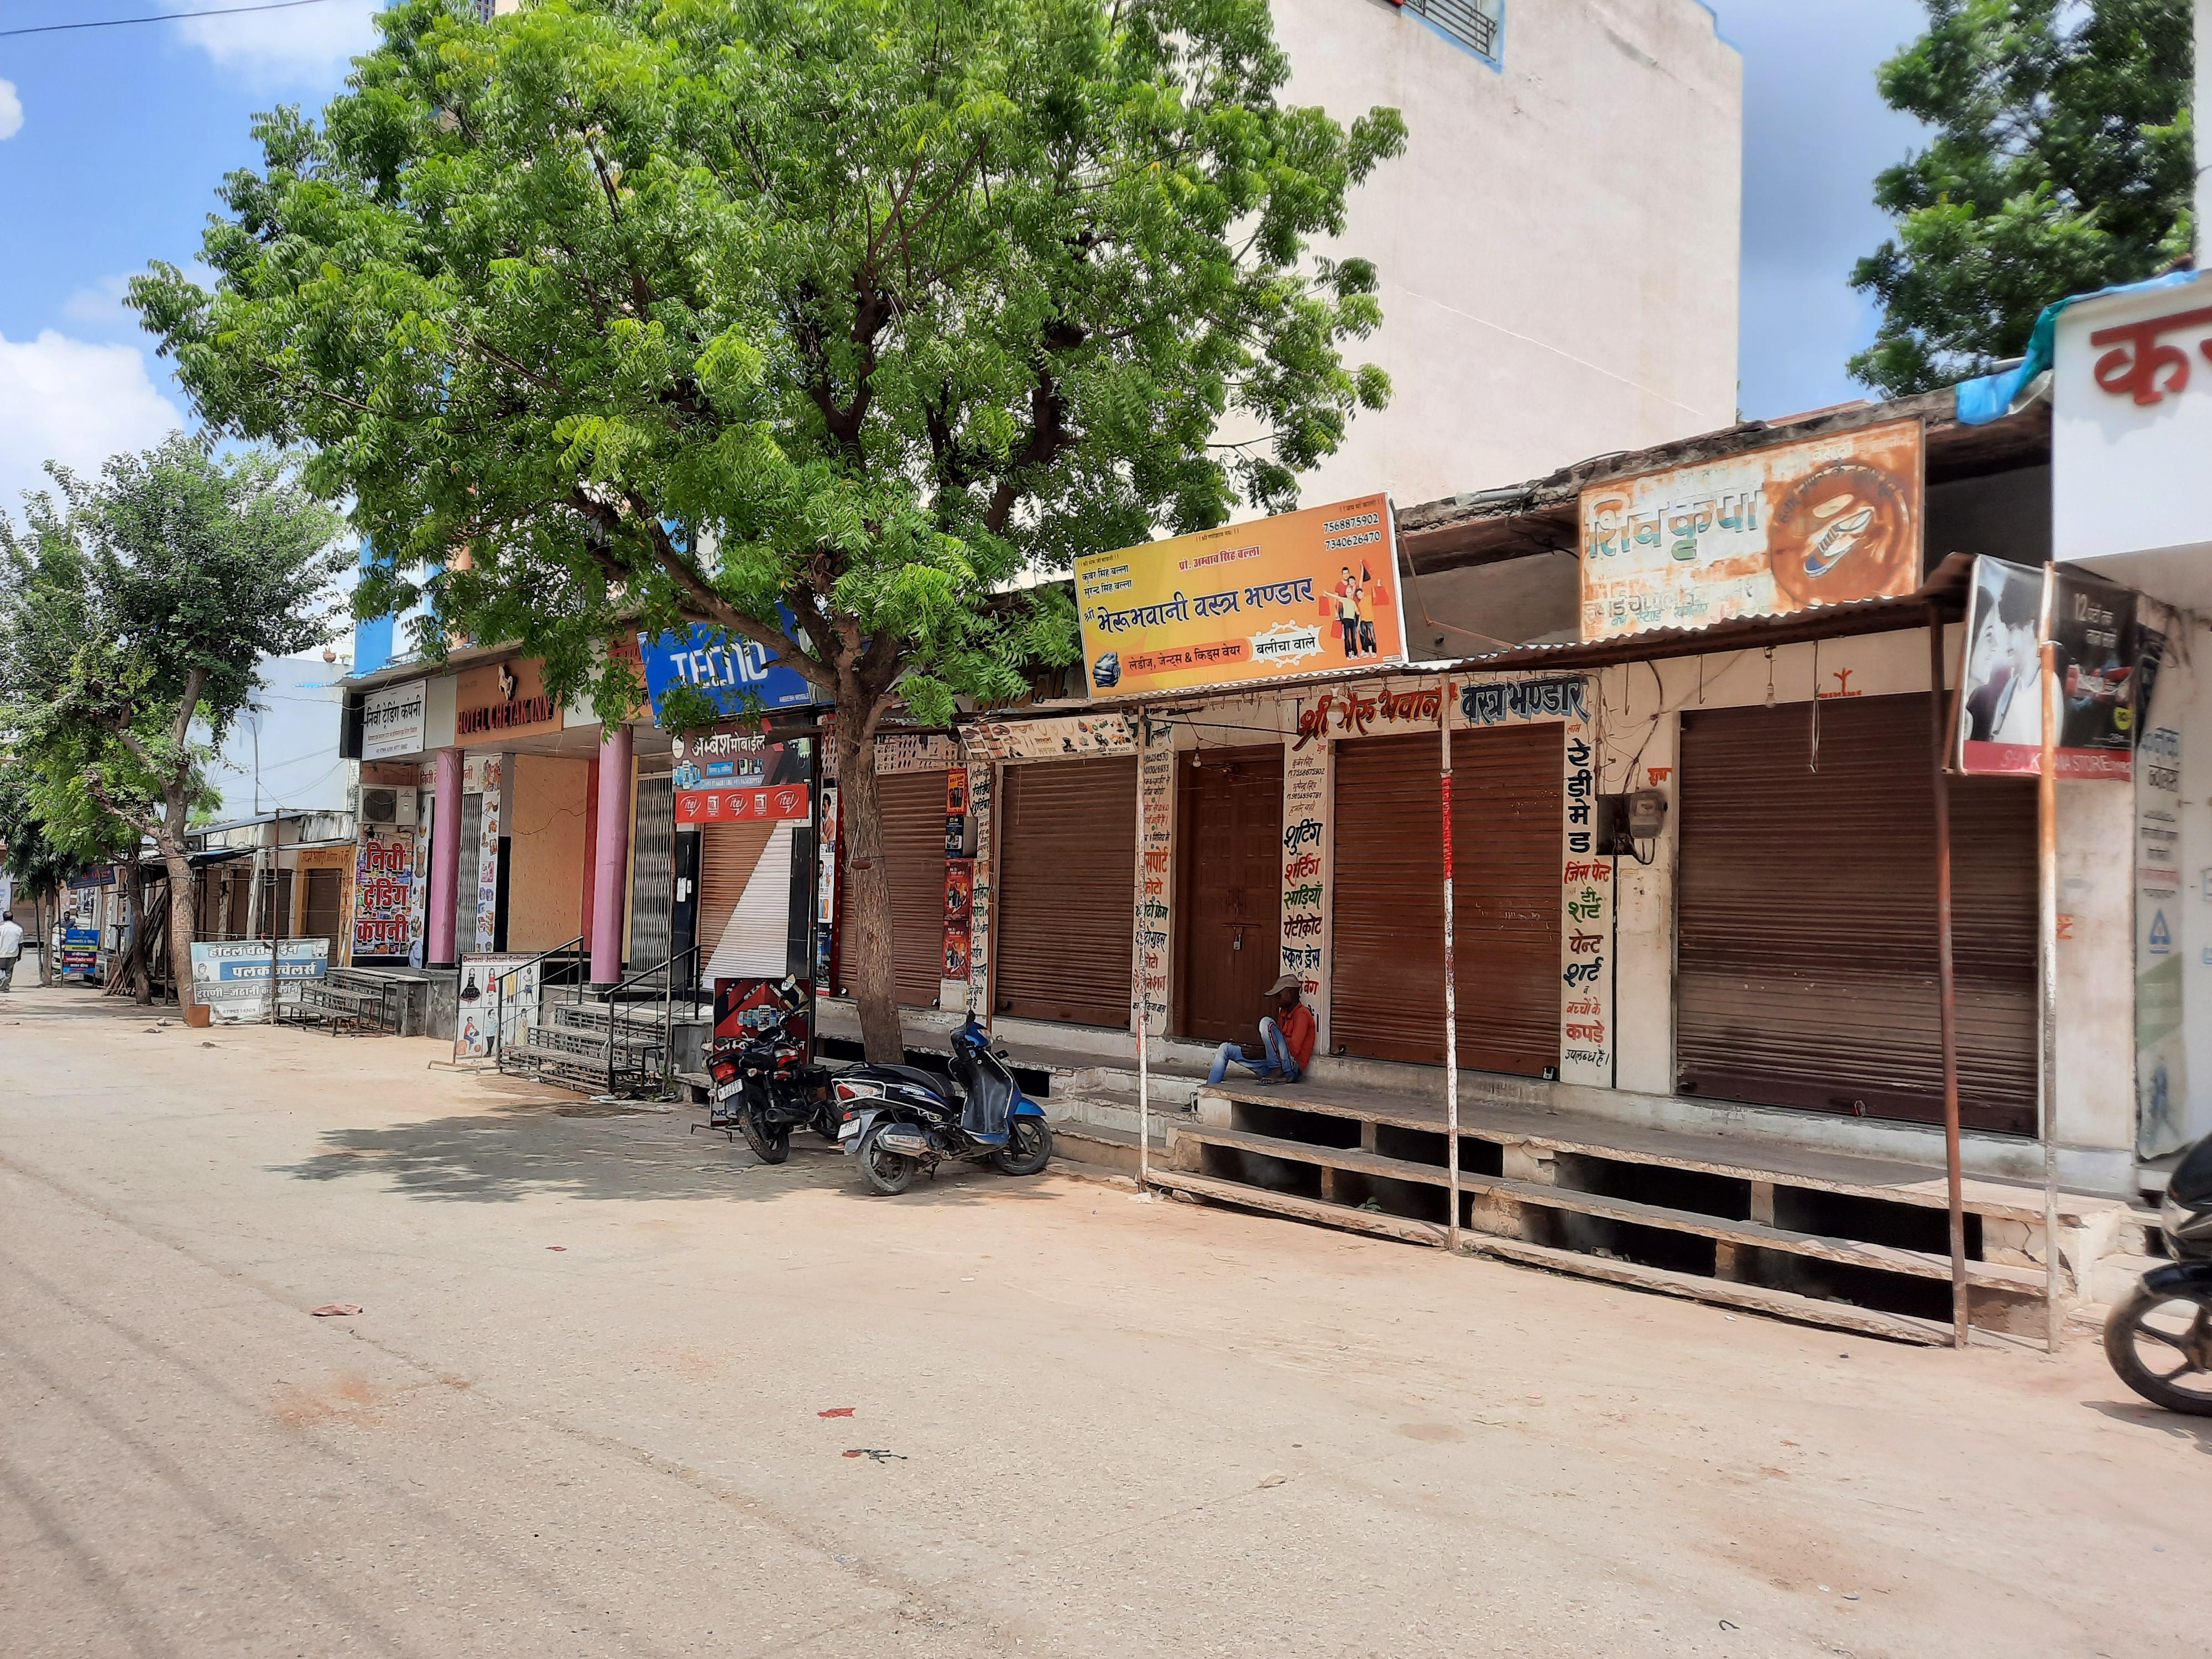 महाविद्यालय और सीएचसी का नया भवन खमनोर मुख्यालय पर ही बनाने की मांग, अनशन पर बैठे सामाजिक कार्यकर्ता की तबीयत बिगड़ी,दुकानें रही बंद|राजसमंद,Rajsamand - Dainik Bhaskar